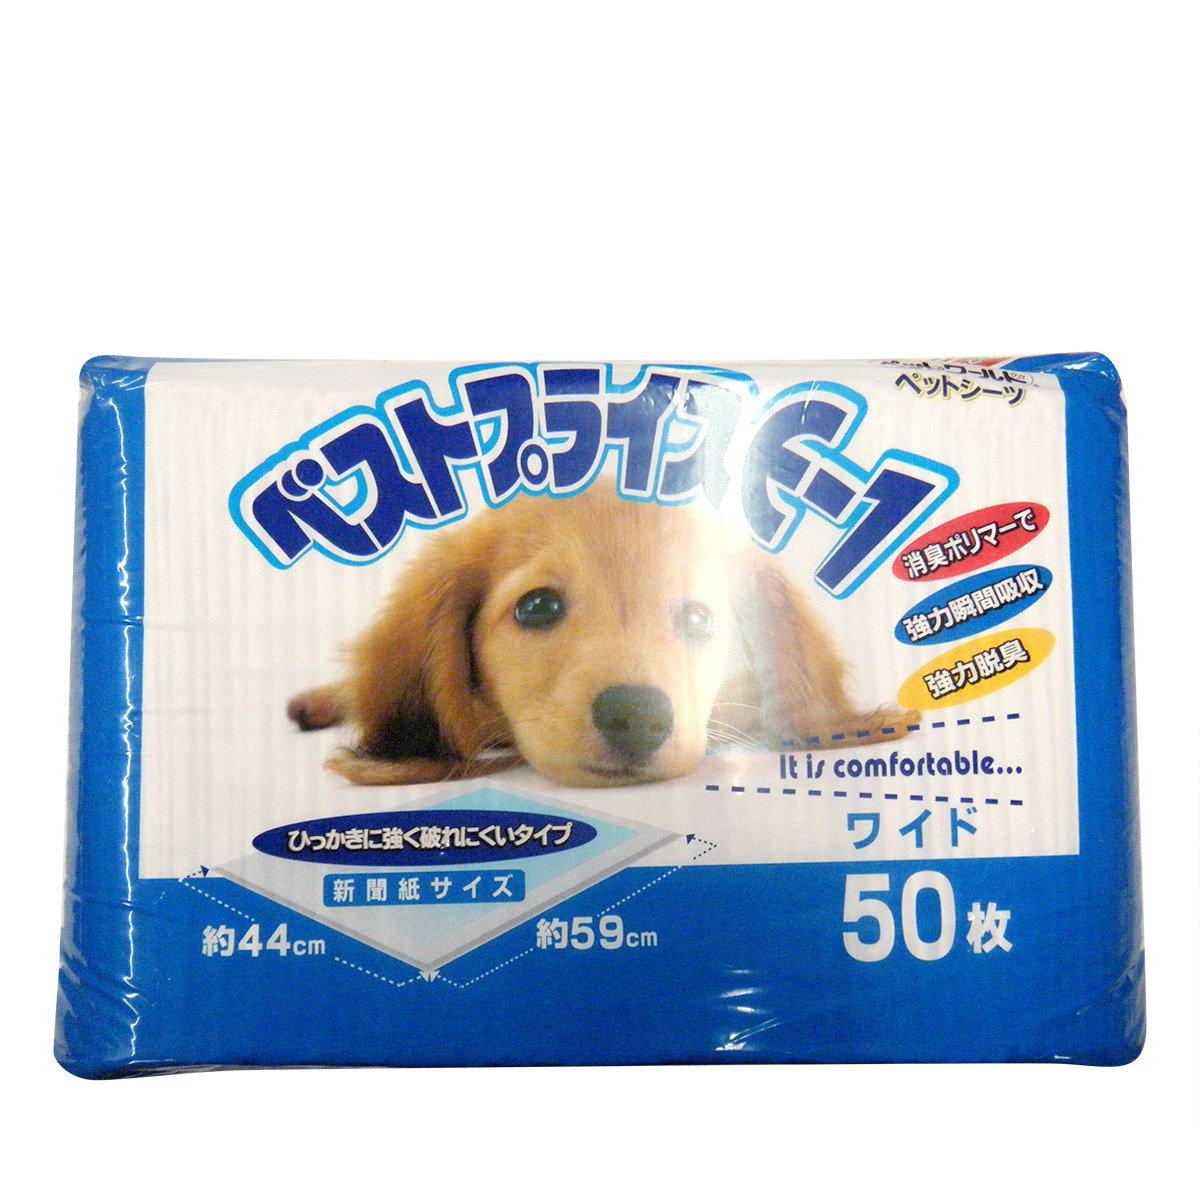 日本超值尿墊2尺 (ST-108)